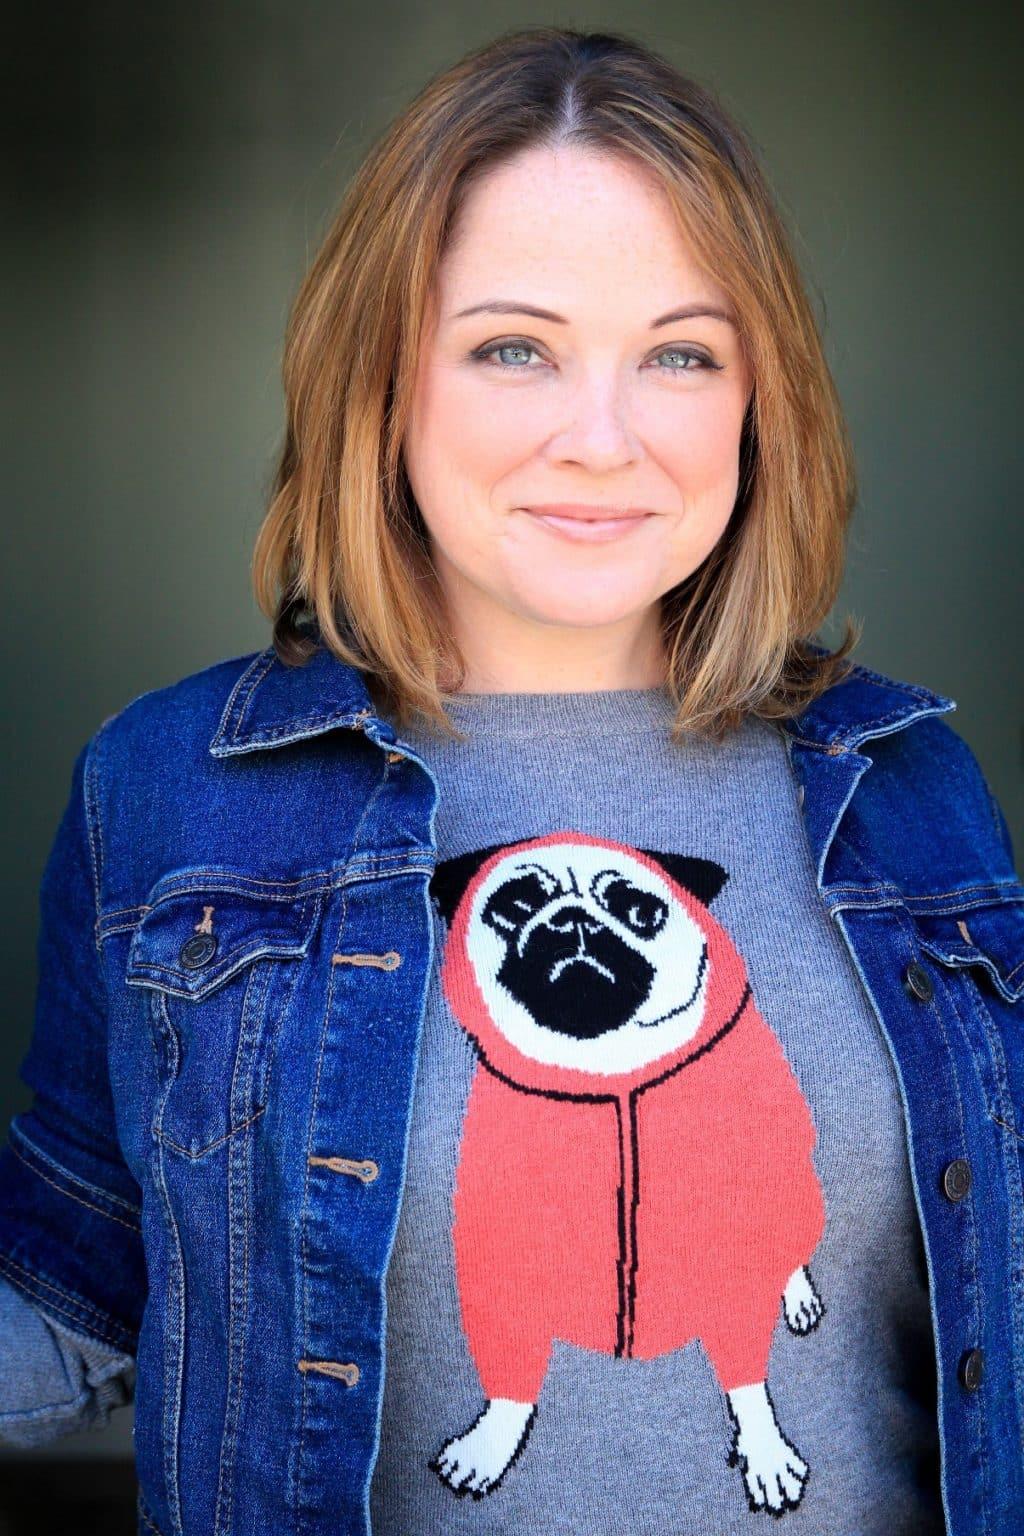 Erin Coleman